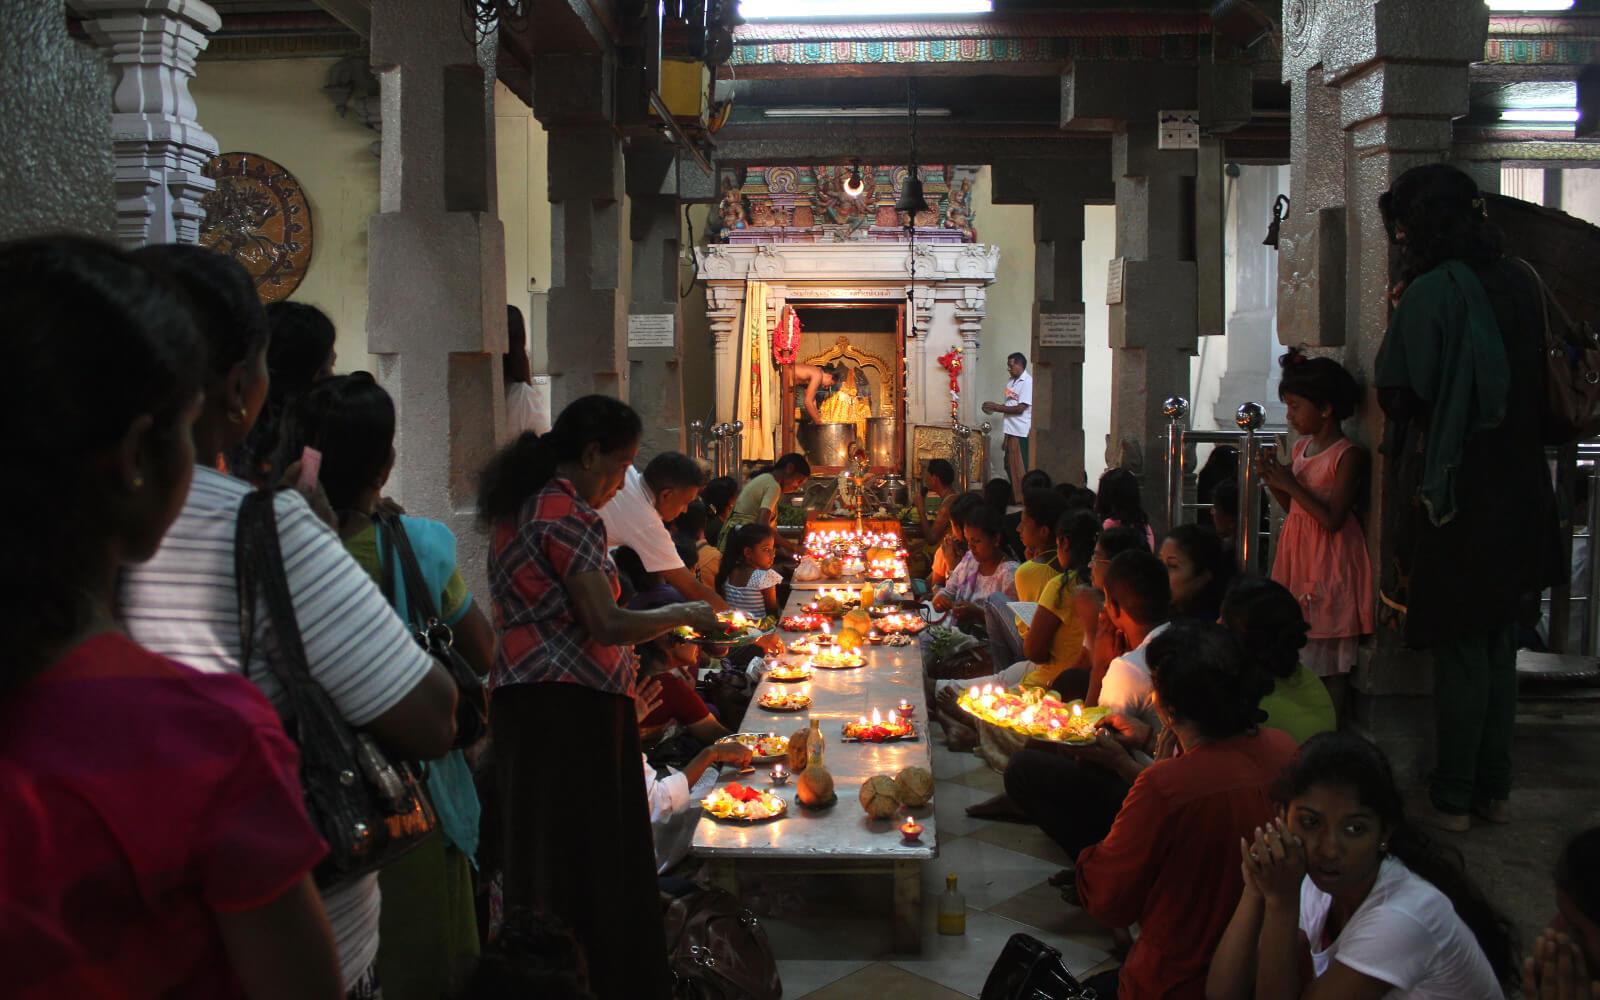 Blick auf eine lange Tafel in einem Tempel